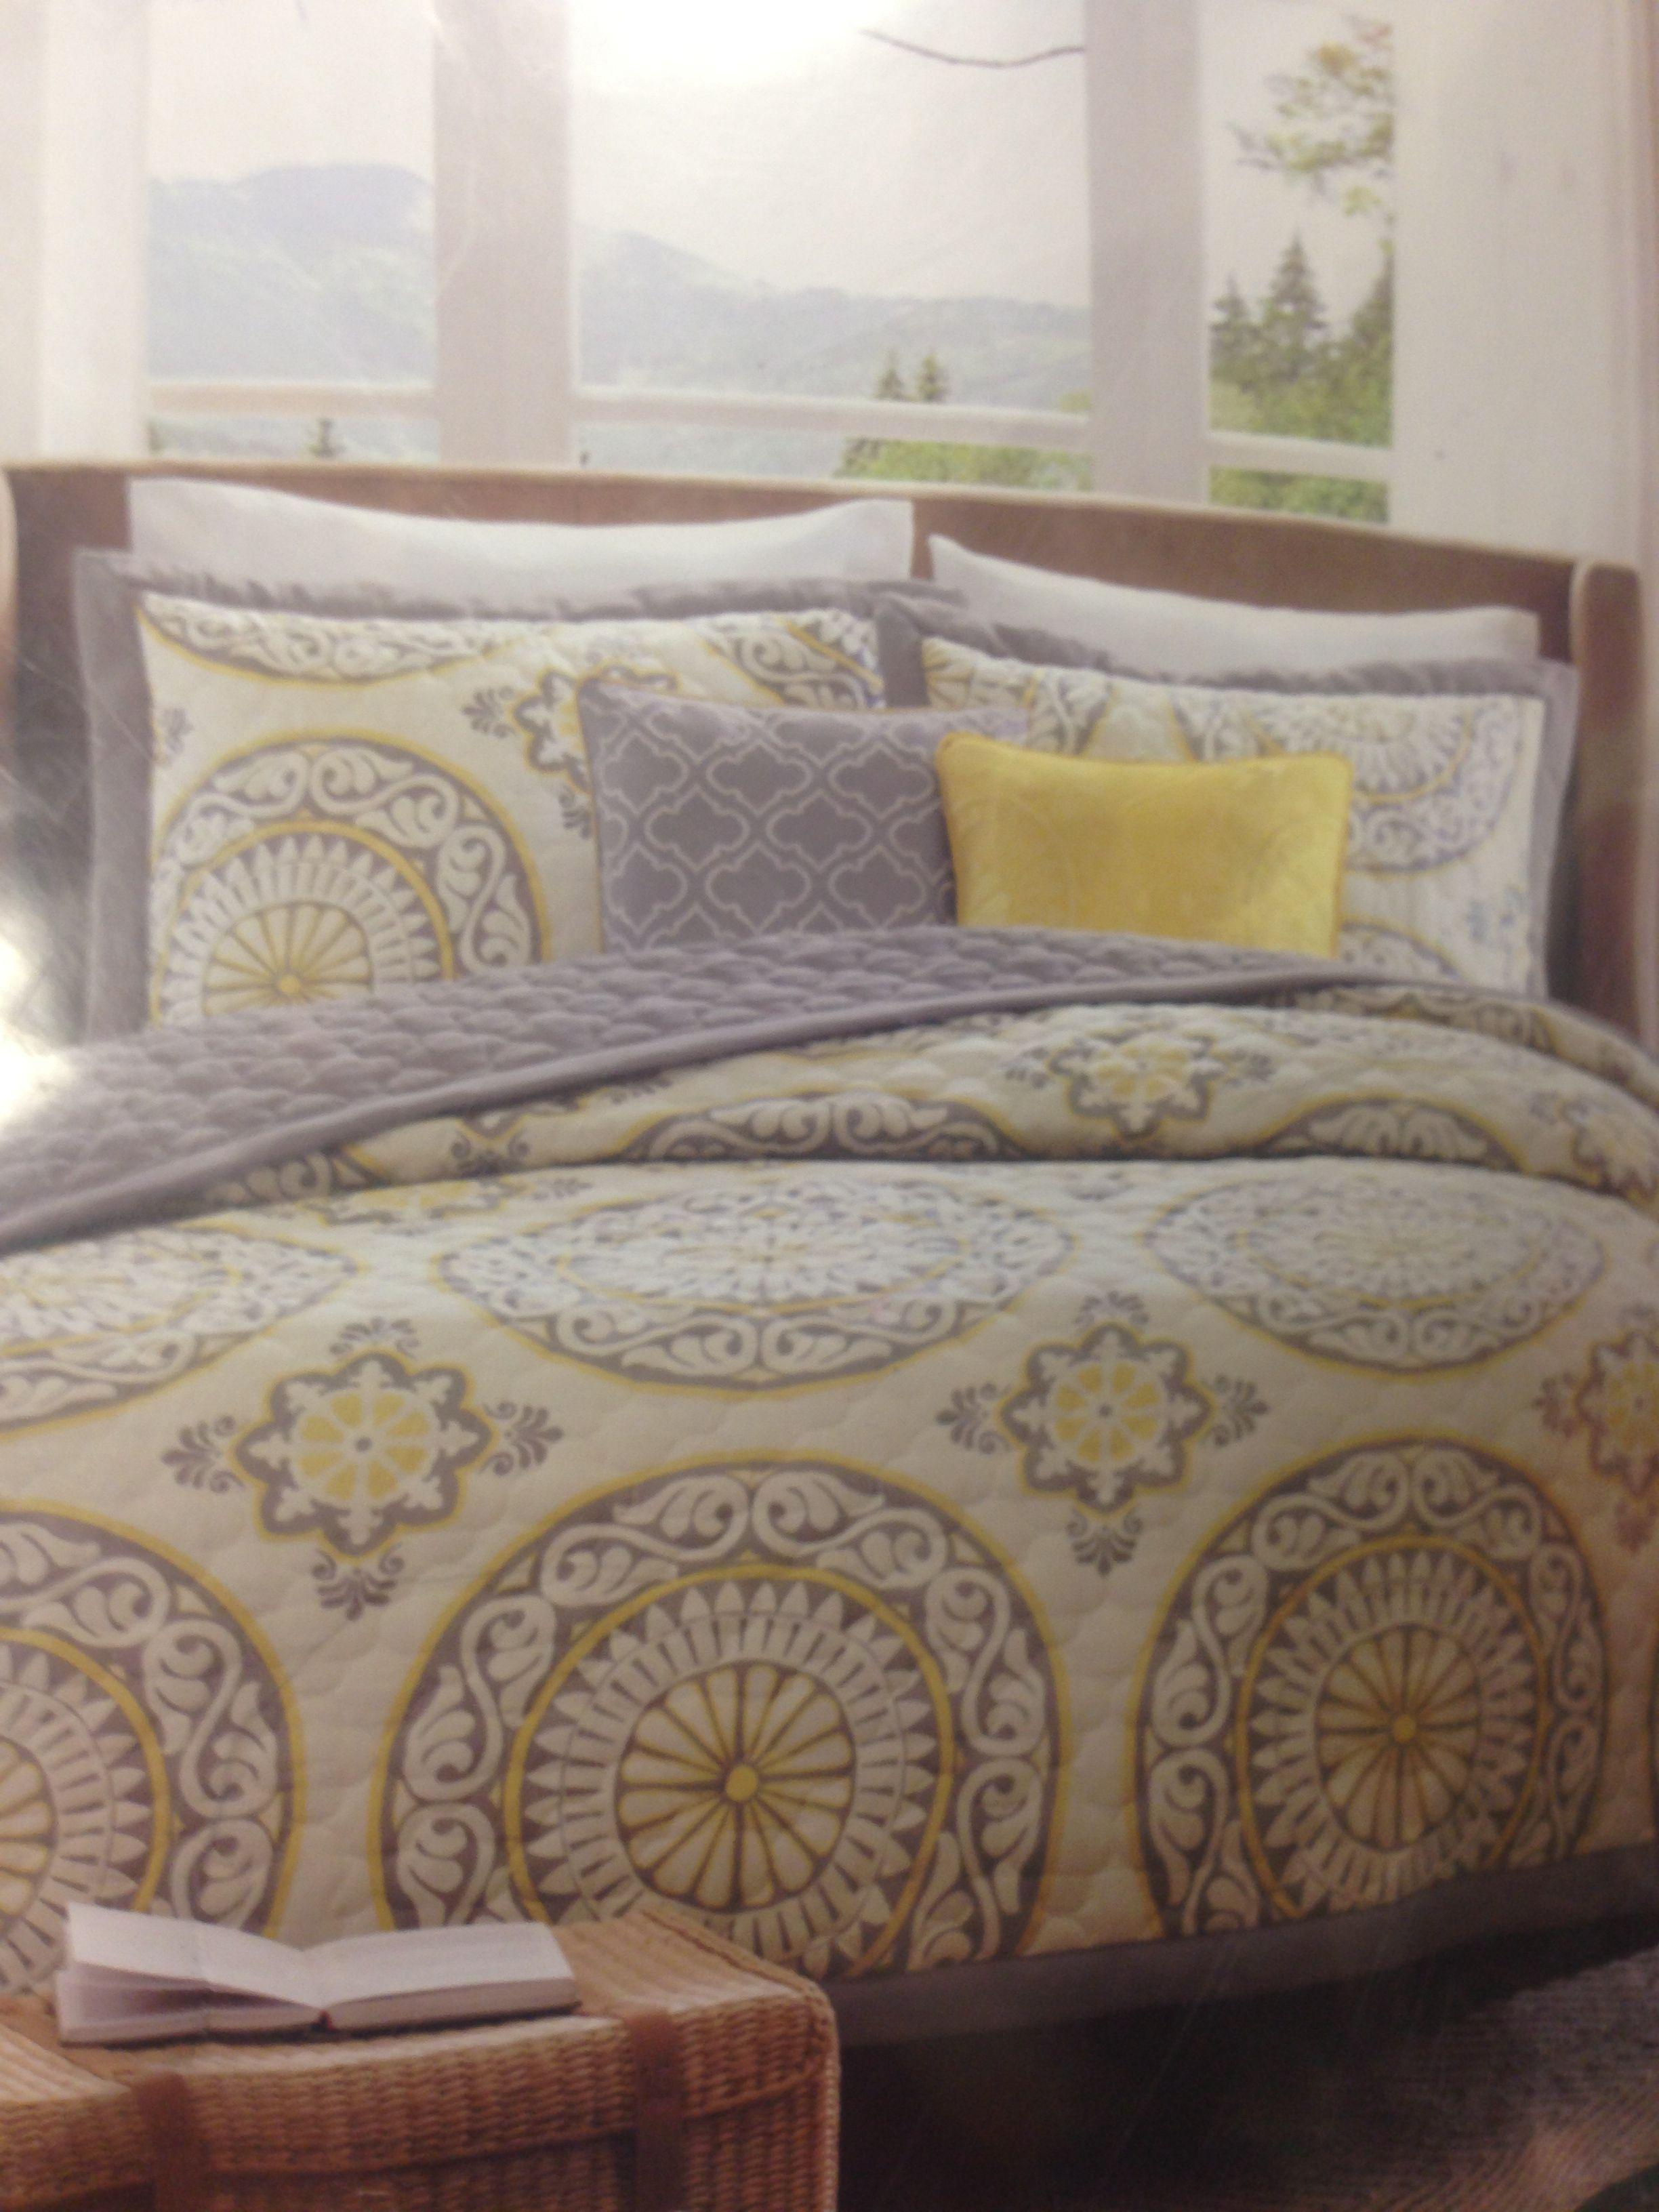 Grey & Yellow Bedding / Target